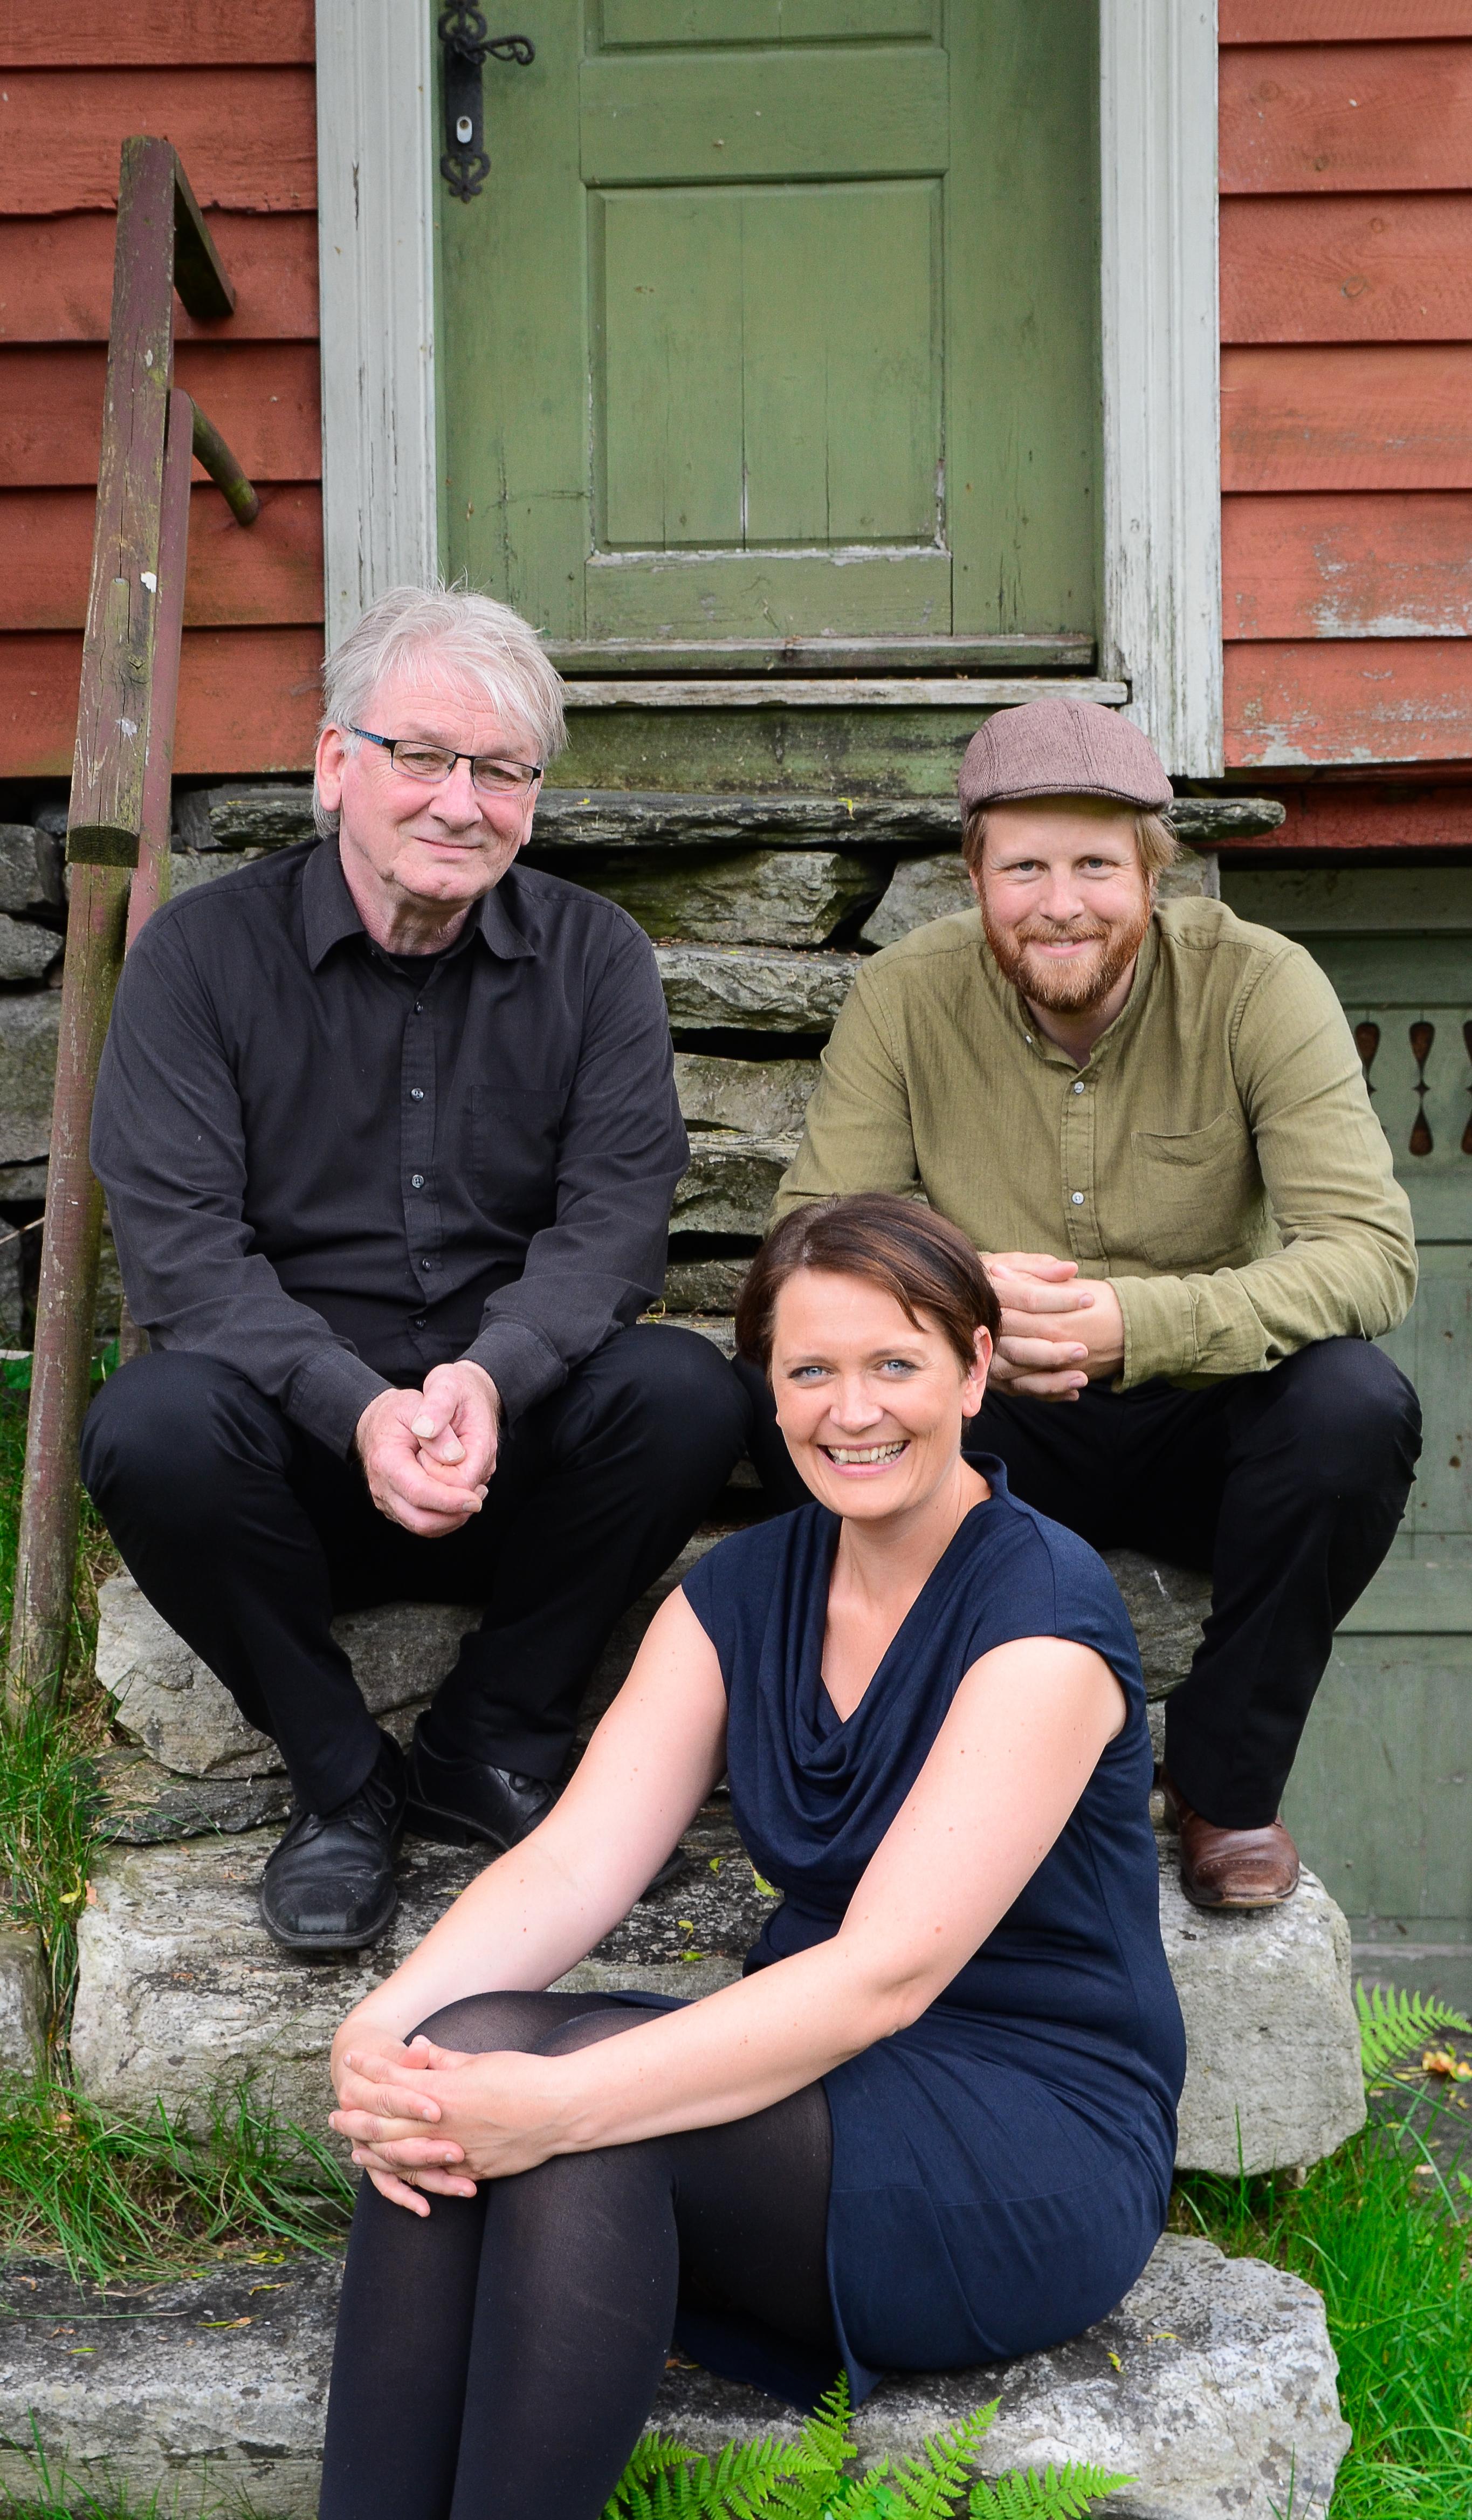 Knut Hamre, Lajla Renate Buer Storli, John Ole Morken. Foto Eirin Tjoflot.jpg